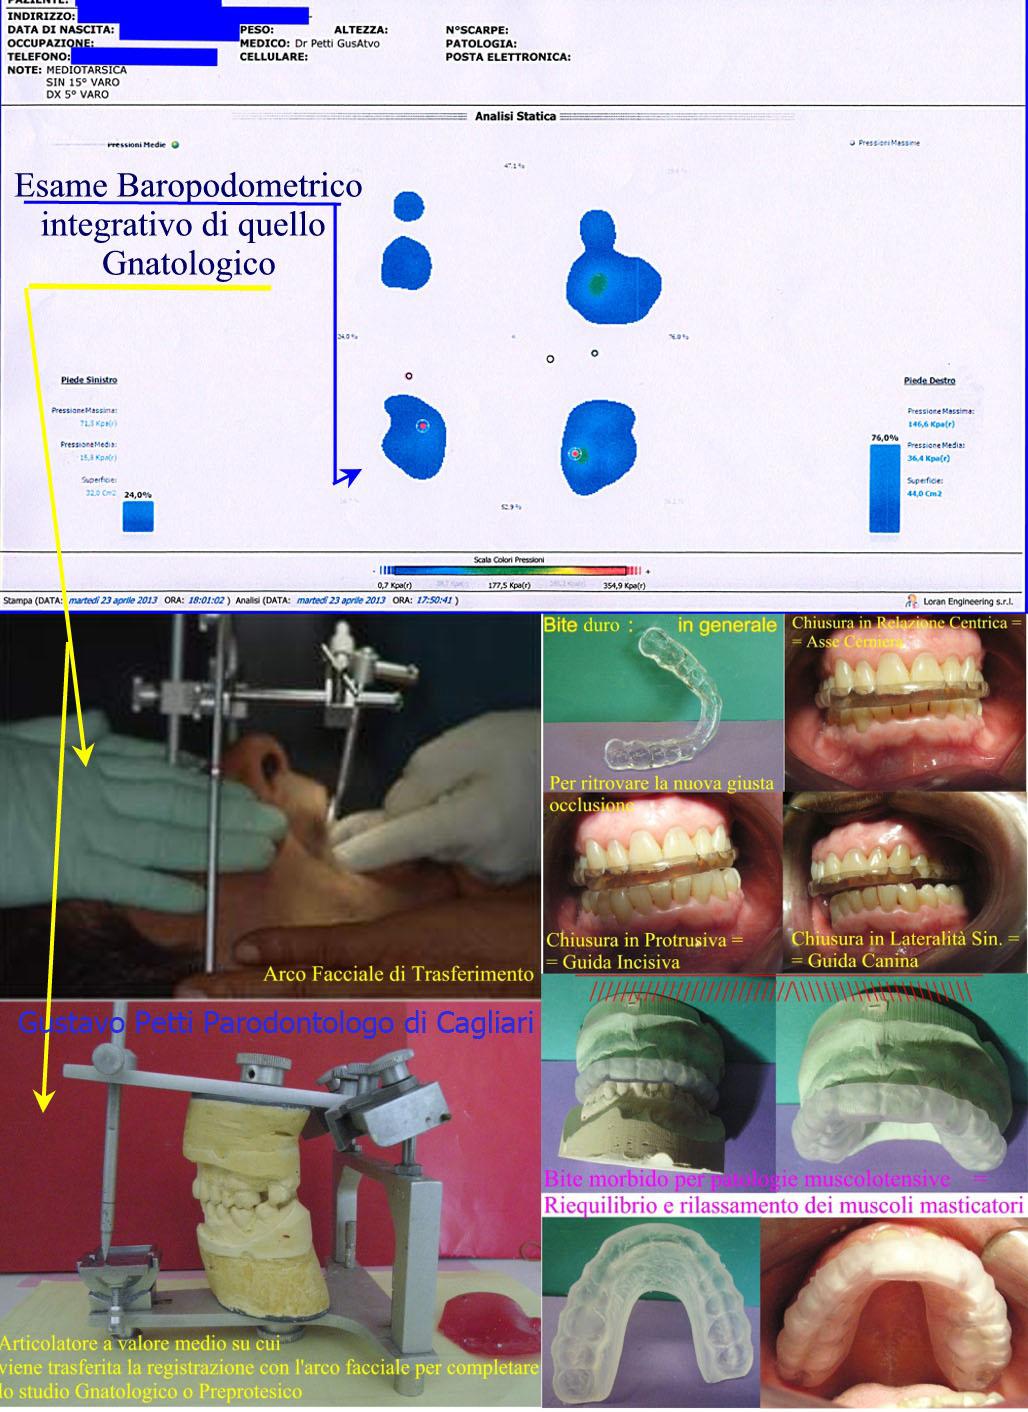 analisi-gnatologica-dr-g.petti-cagliari-111.jpg